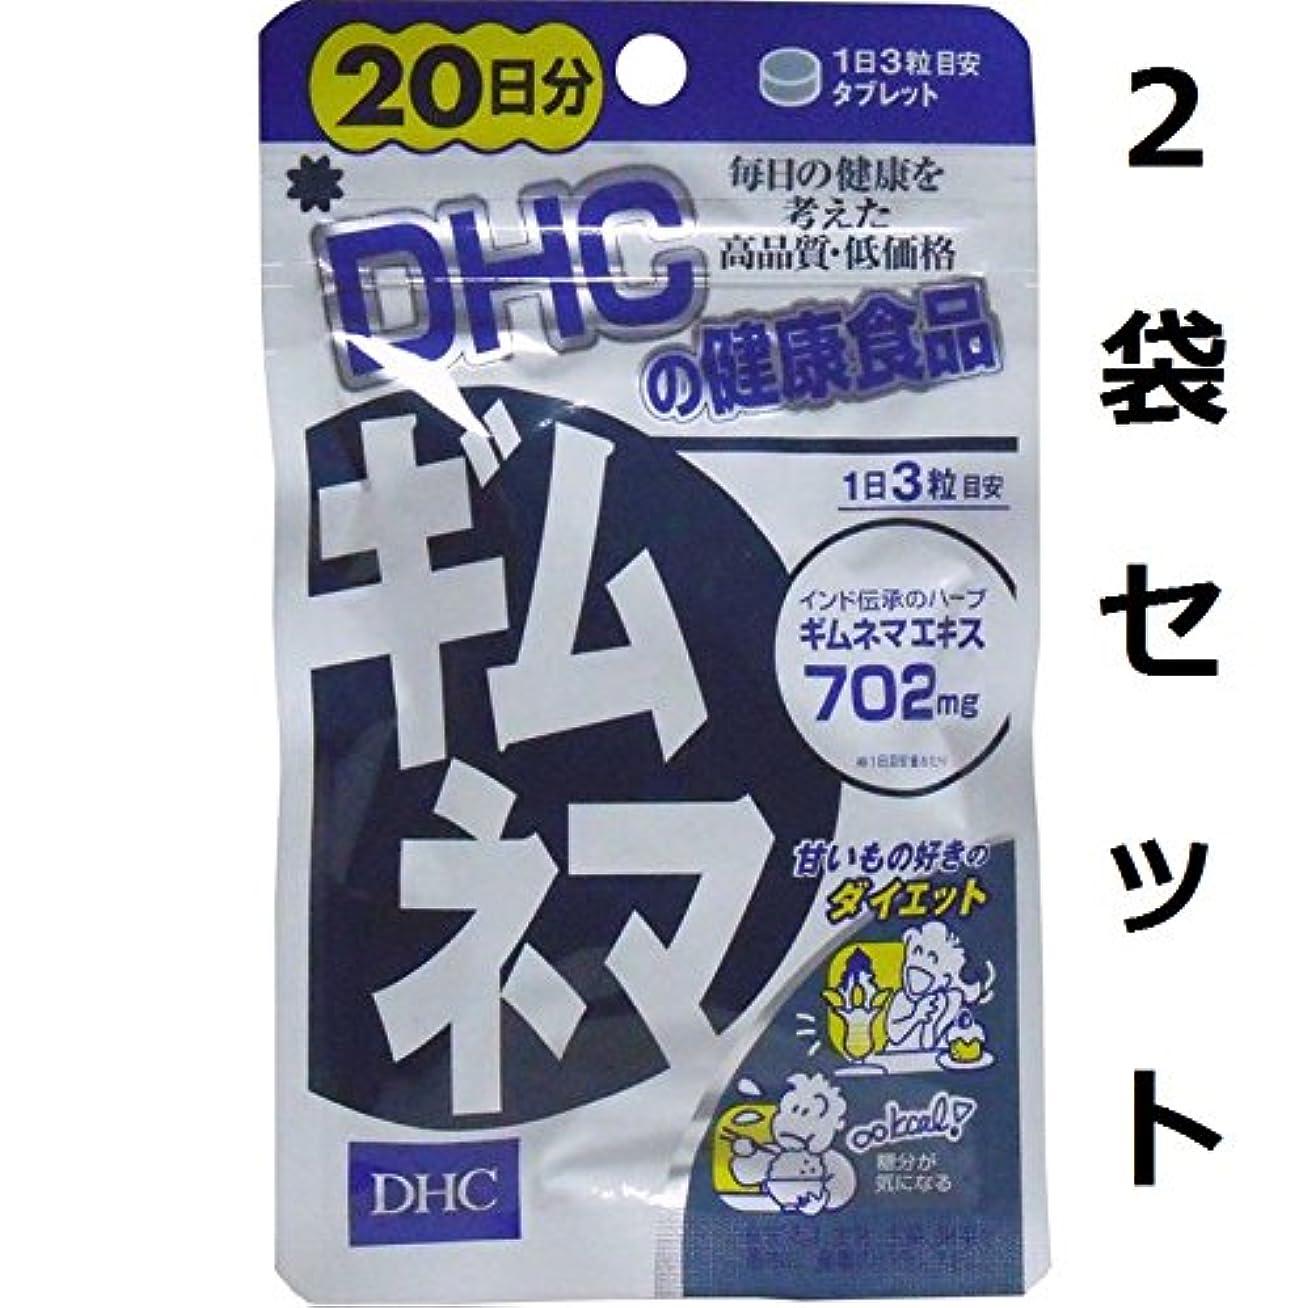 ブラザー費やす推測我慢せずに余分な糖分をブロック DHC ギムネマ 20日分 60粒 2袋セット